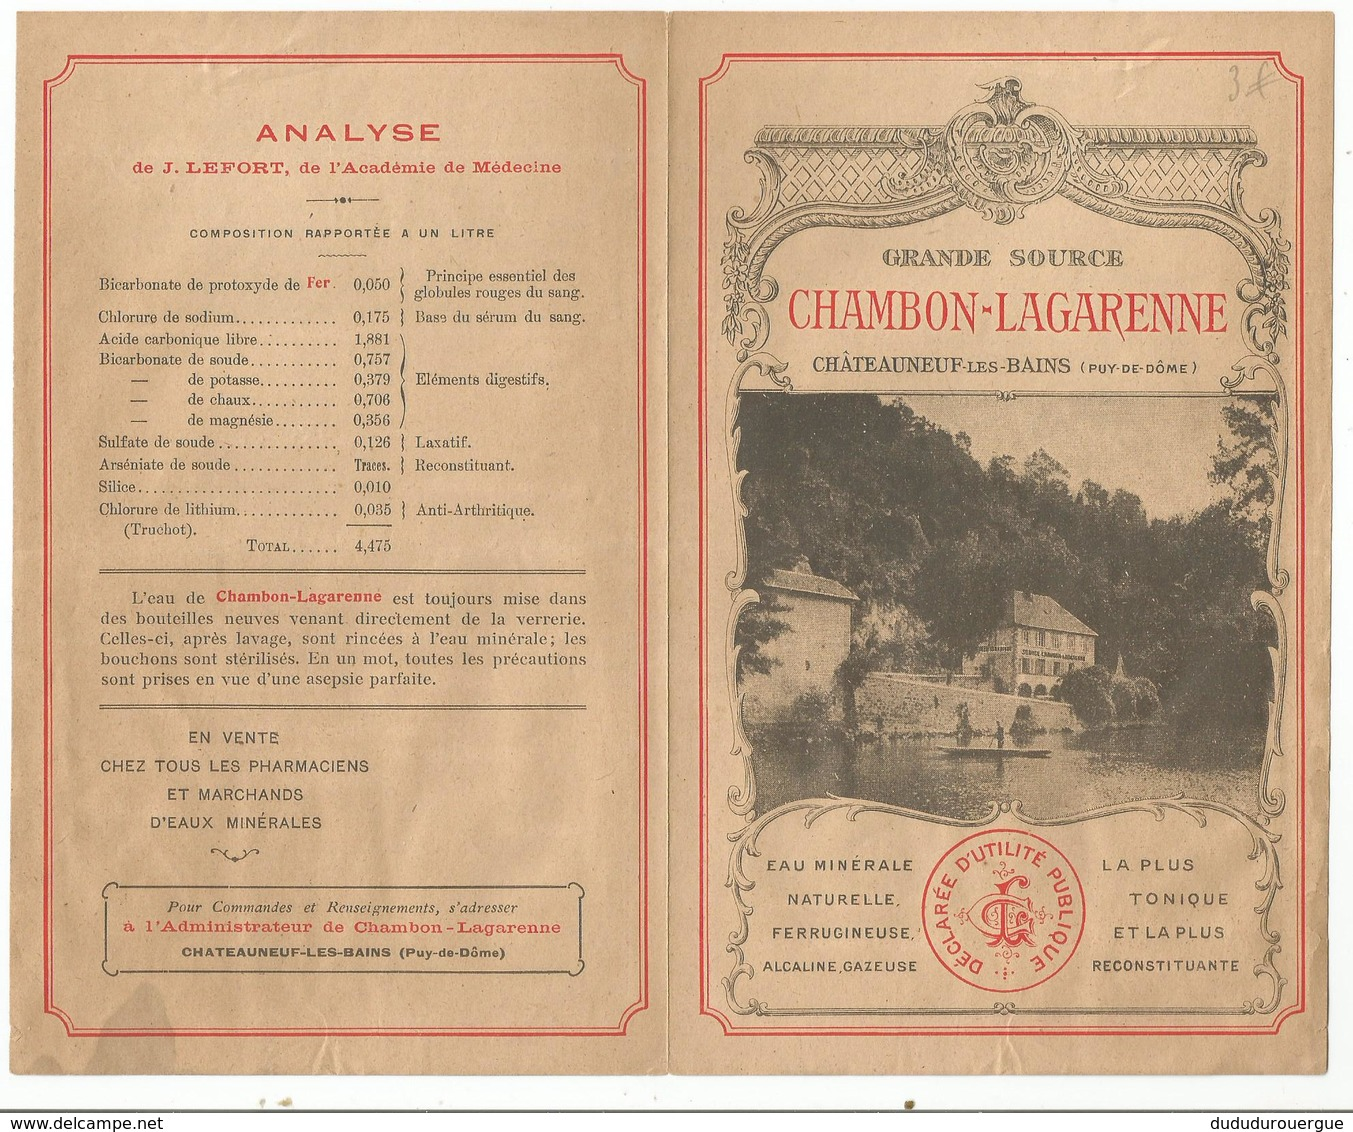 CHATEAUNEUF - LES - BAINS : GRANDE SOURCE CHAMBON - LAGARENNE - Publicités